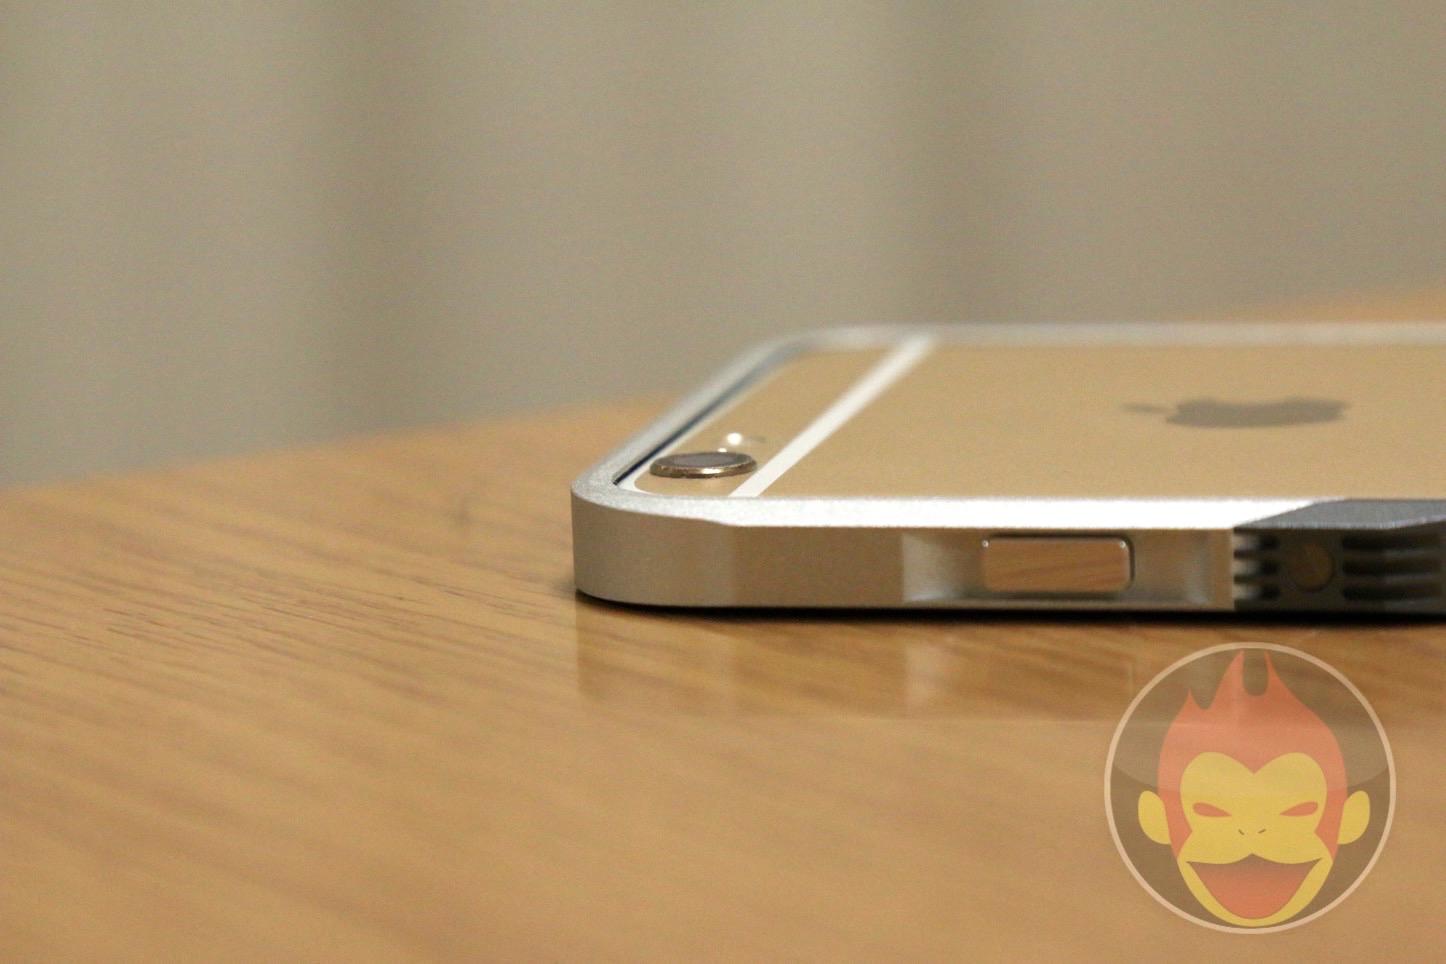 GRAVITY-CASTRUM-iPhone-6-Plus38.JPG